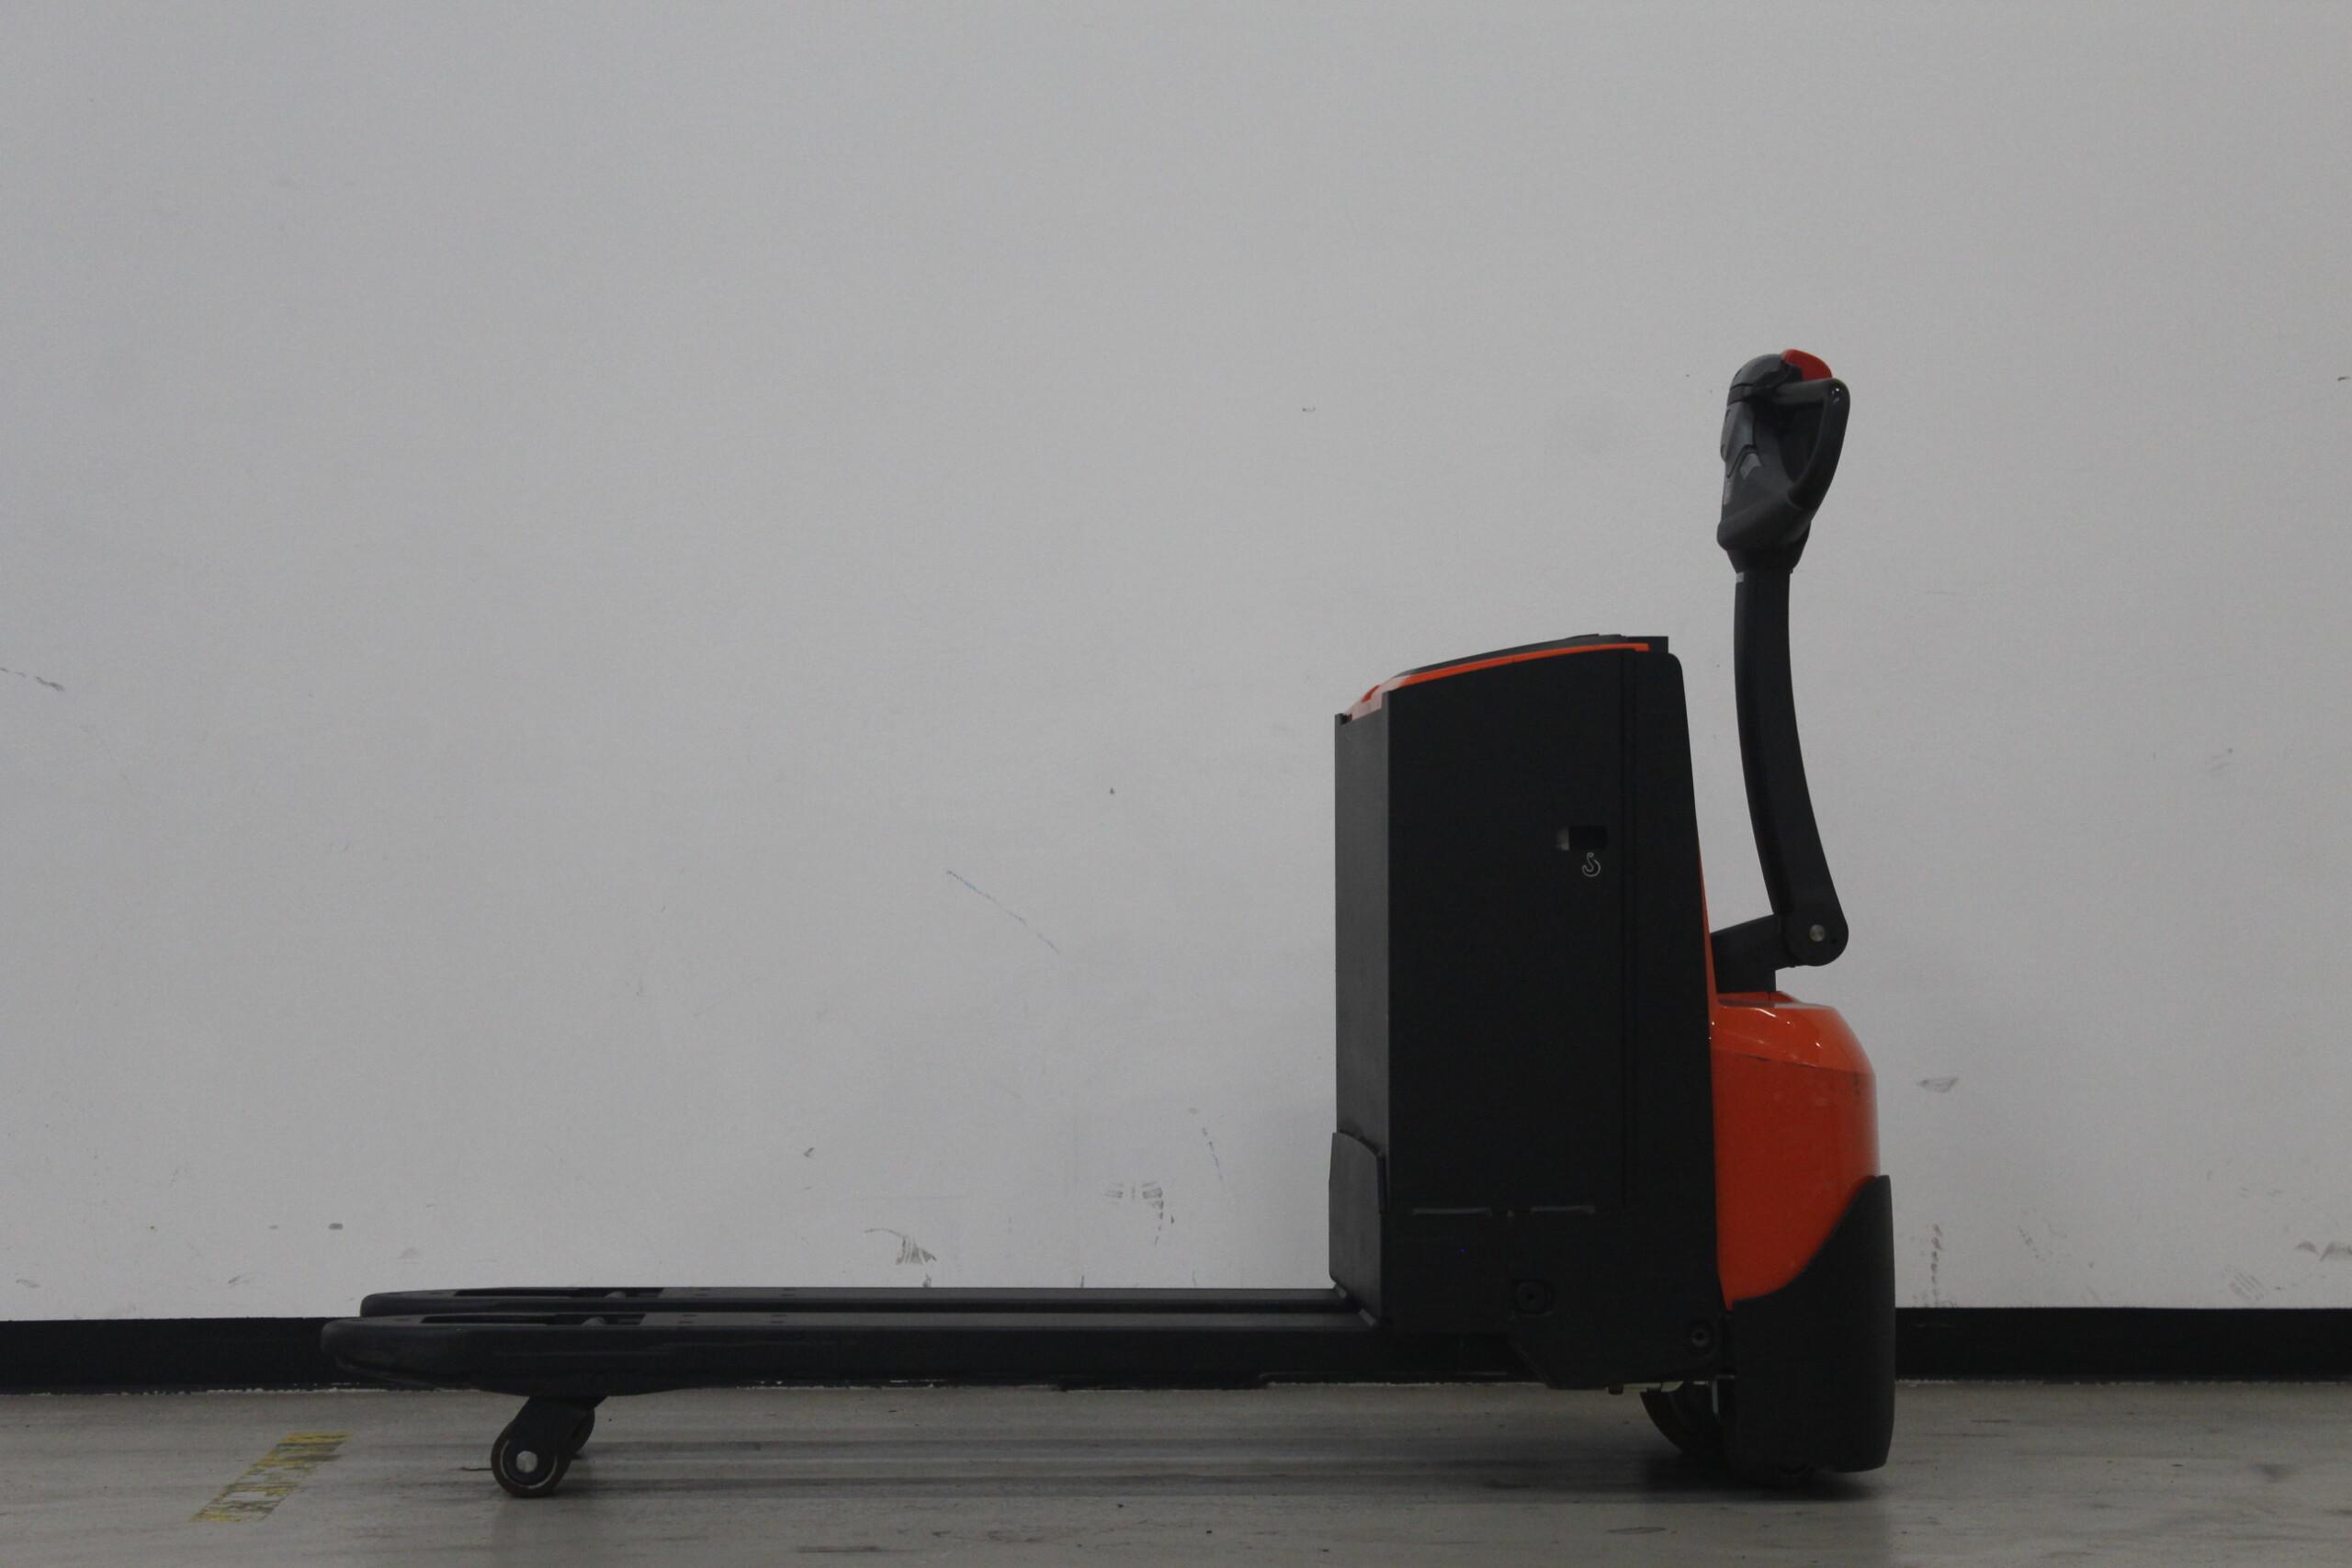 Toyota-Gabelstapler-59840 1610006827 1 28 scaled